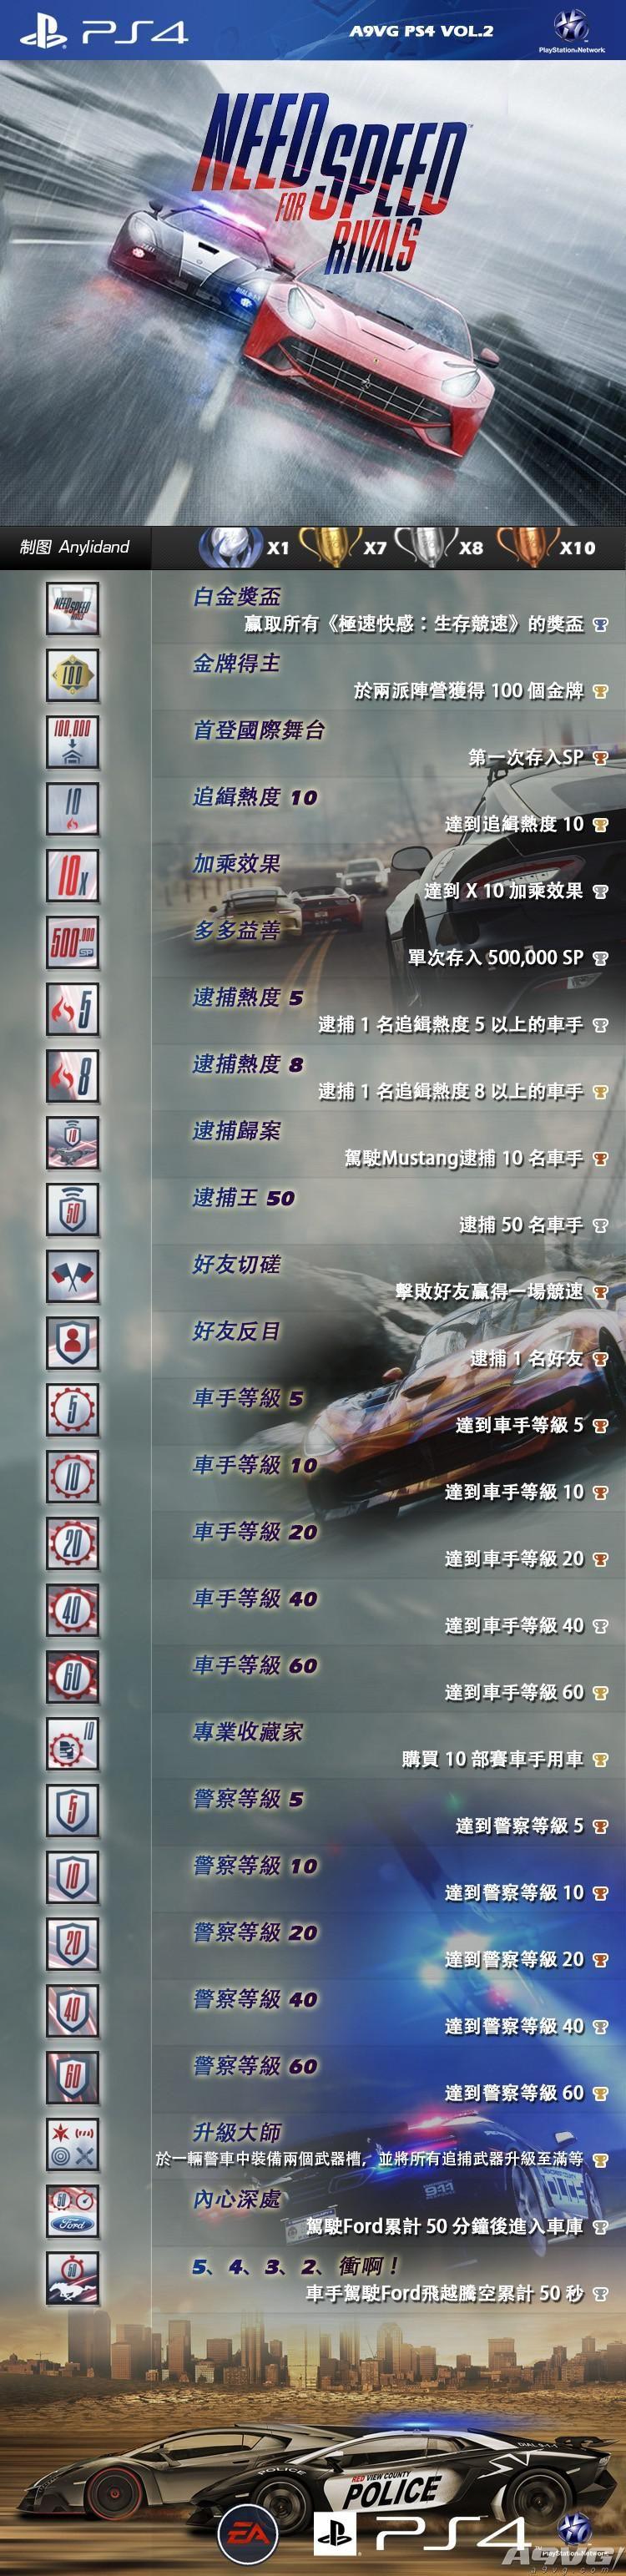 《极品飞车:对决》奖杯图表